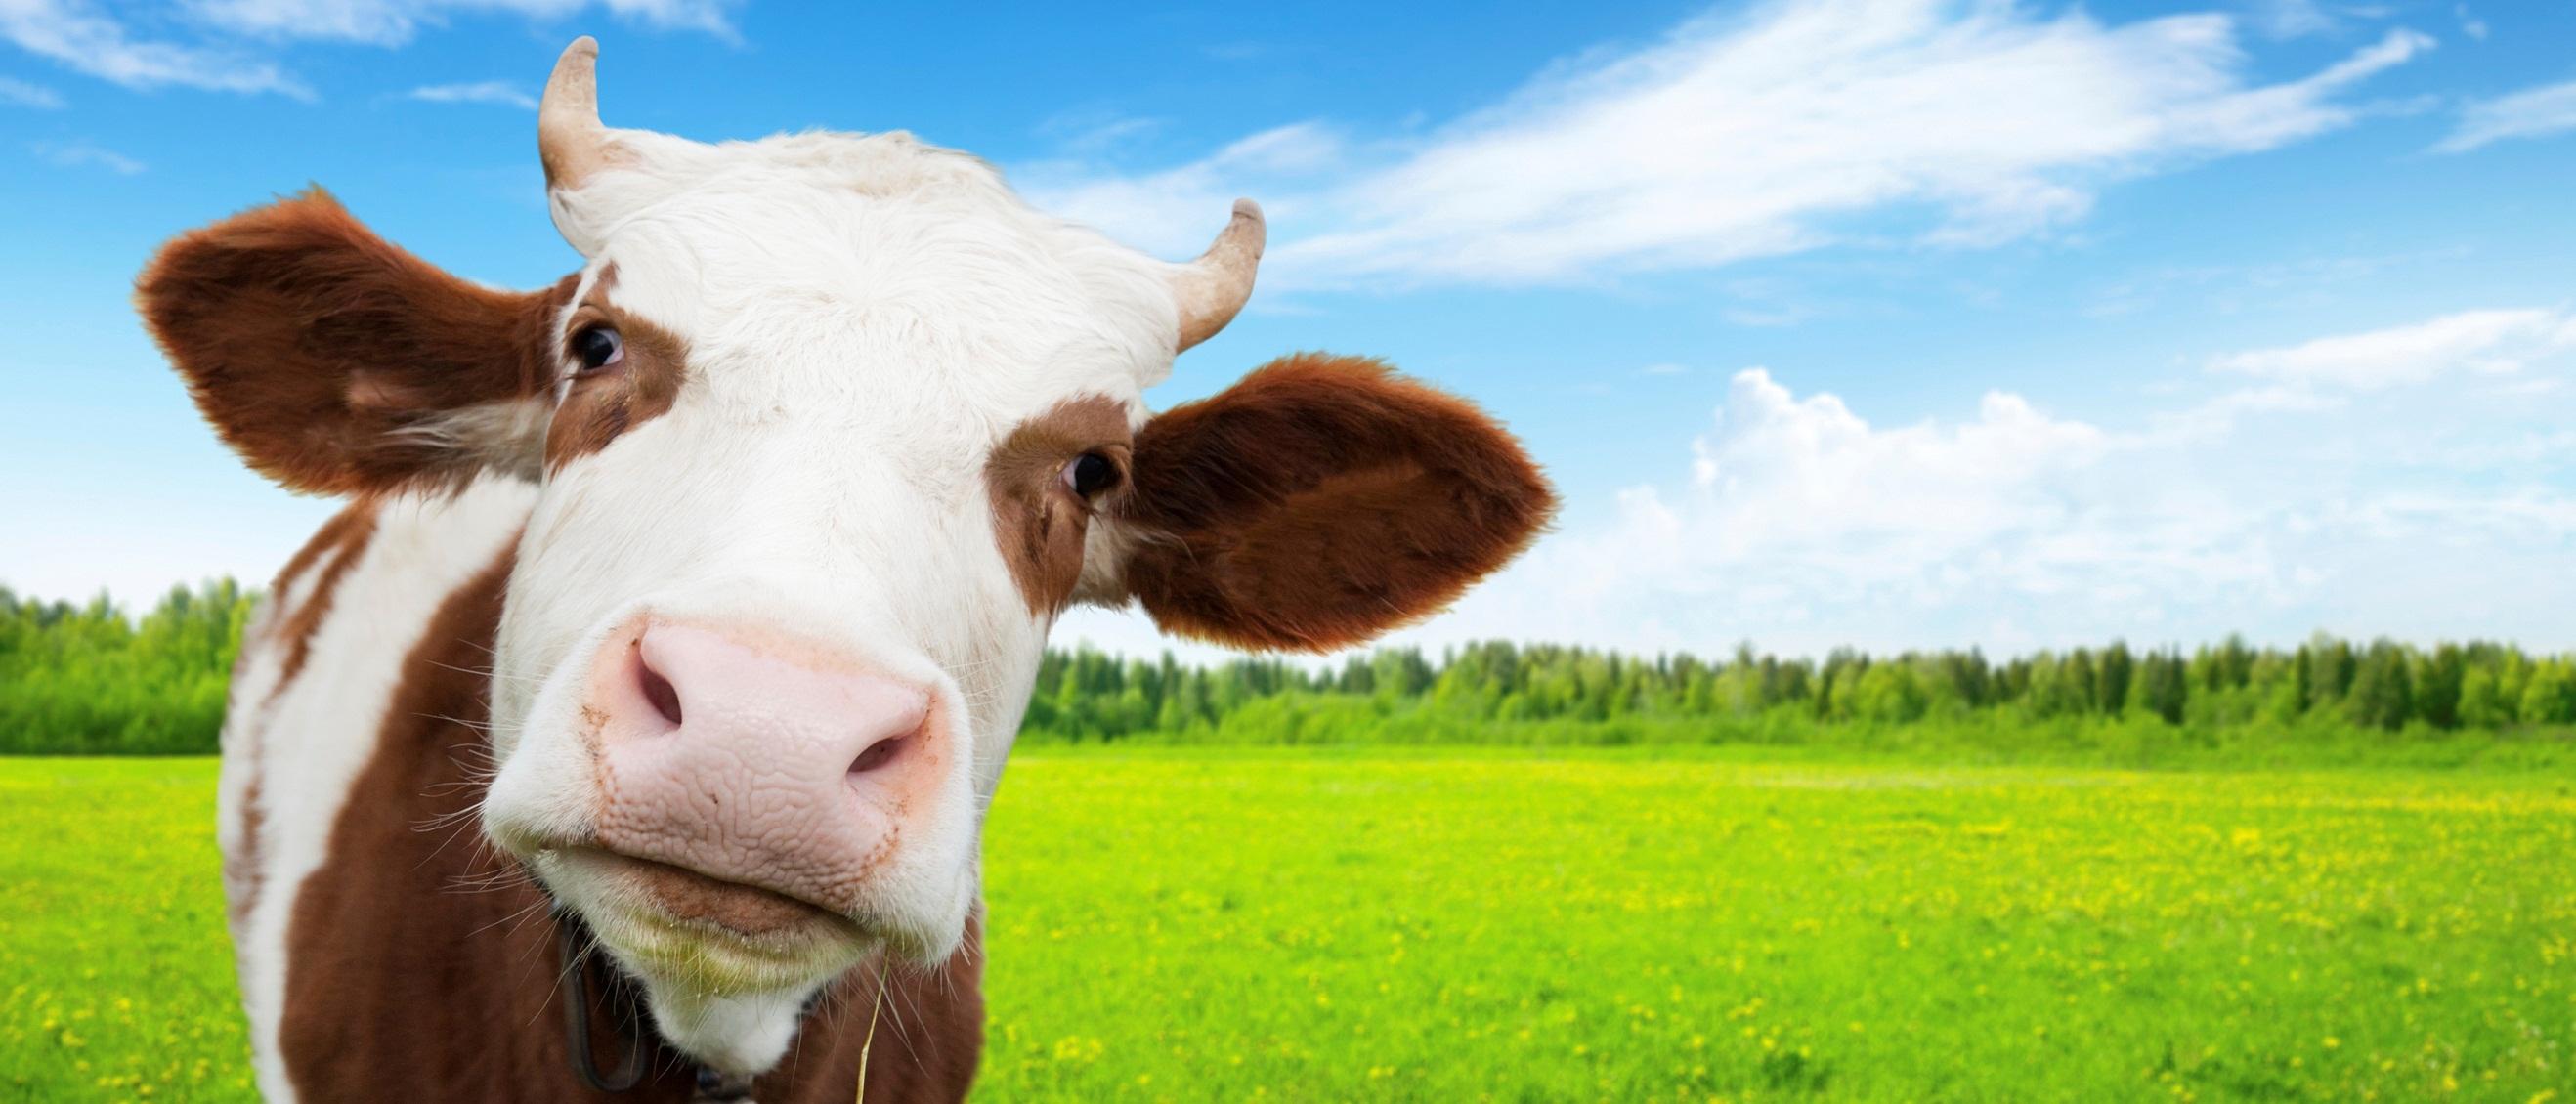 Tratamentul papilomelor pe uger, Negi pe ugerul unei vaci ca un tratament